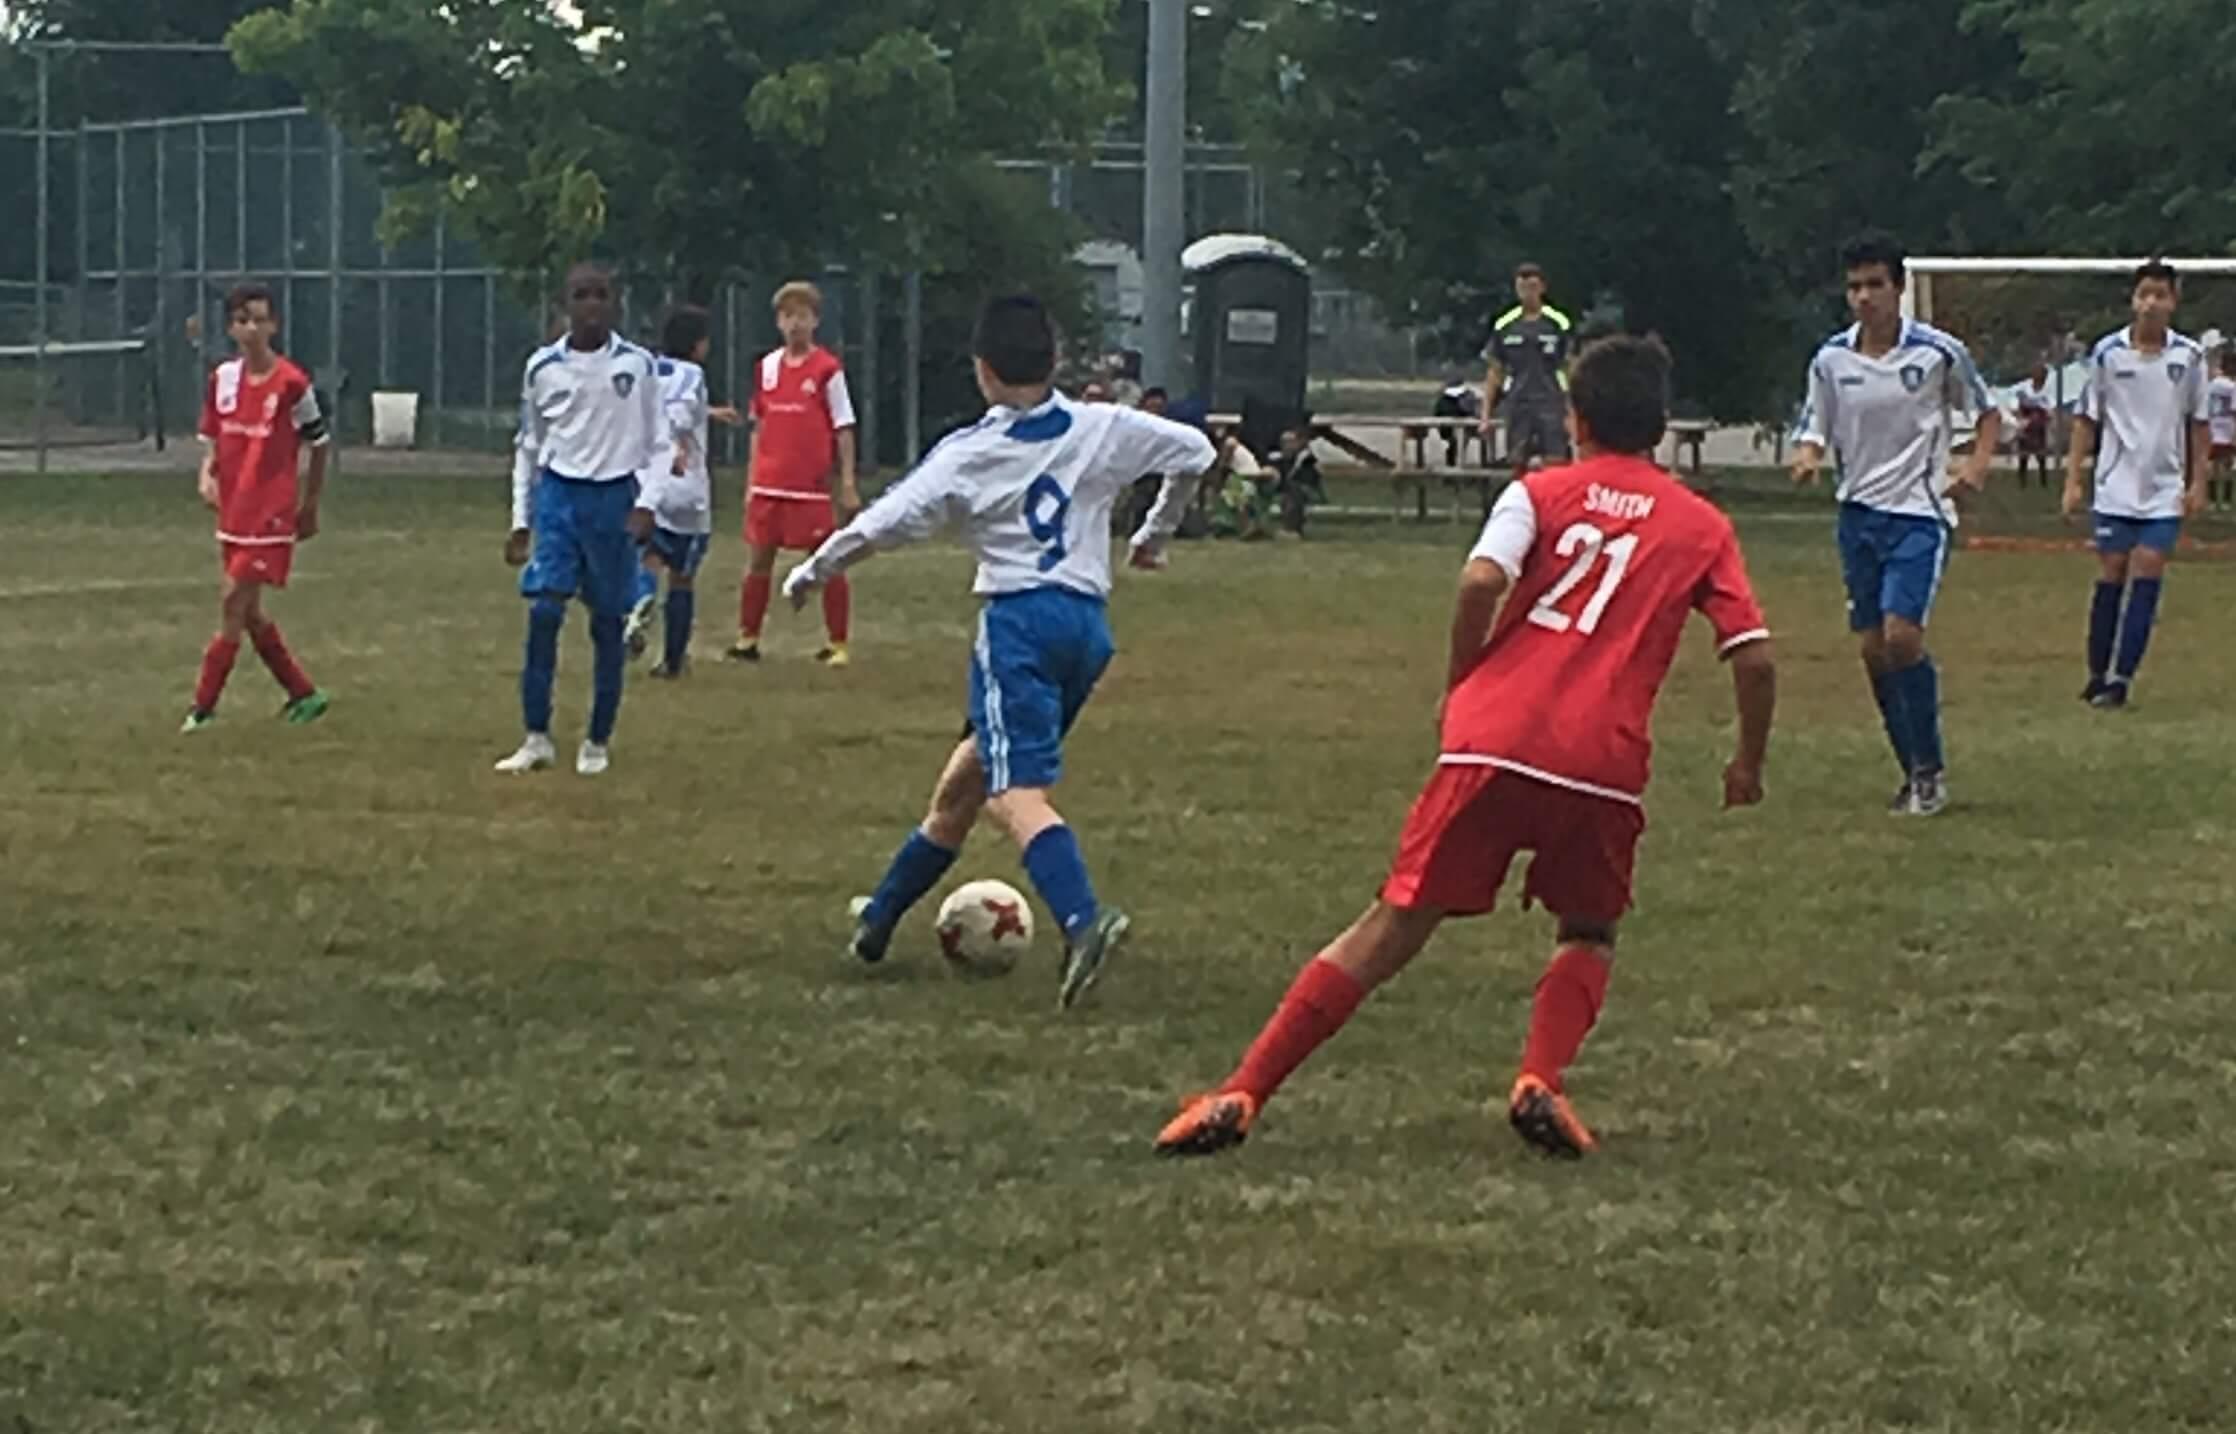 national de soccer L'Assomption